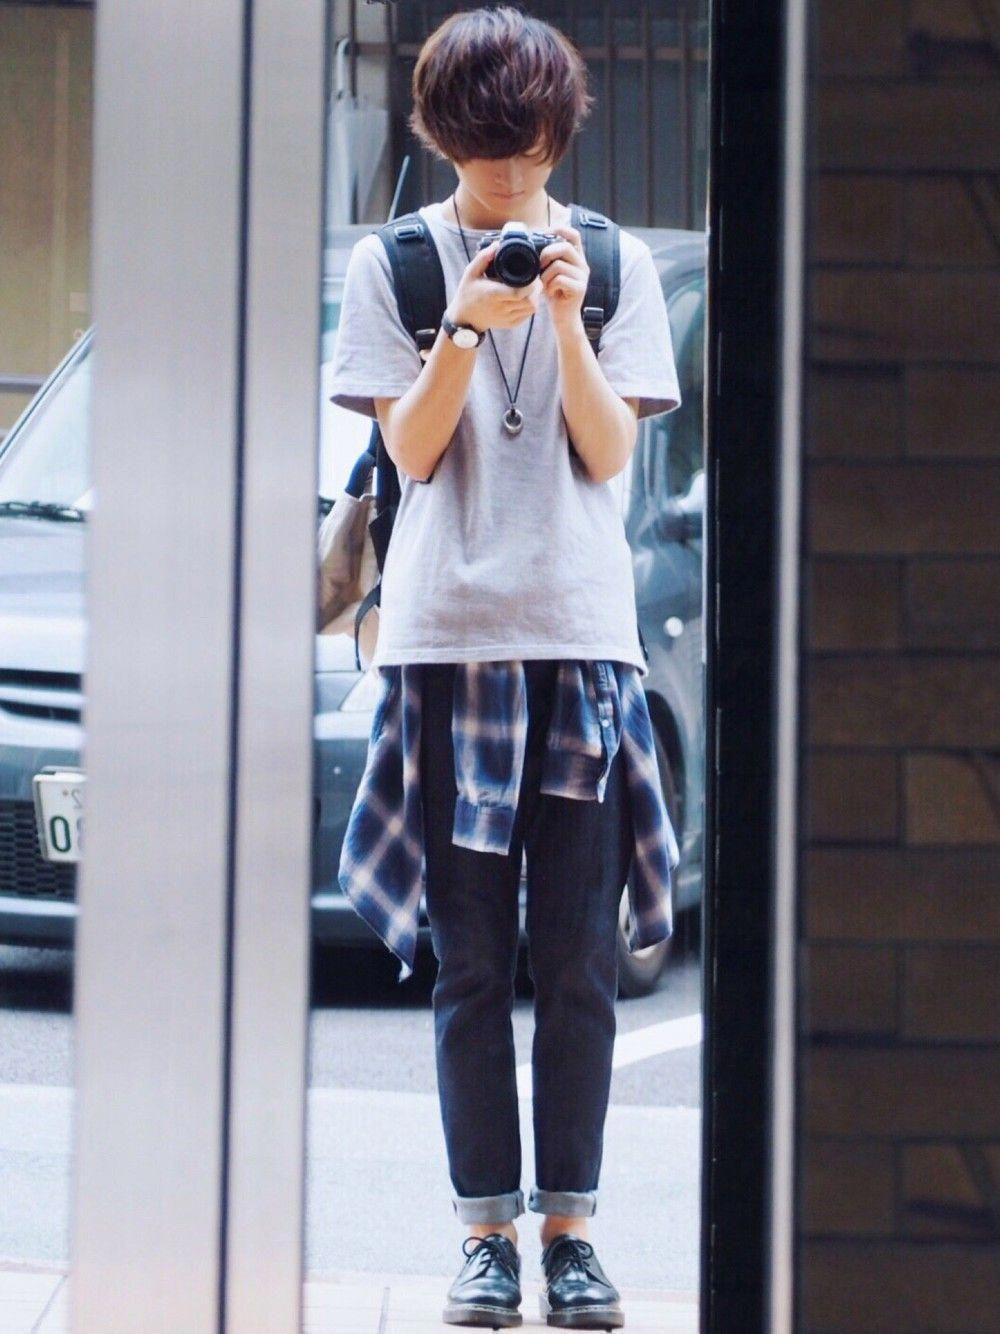 Mens Fashion Harness Tomboy Fashion Kpop Fashion Men Korean Fashion Men